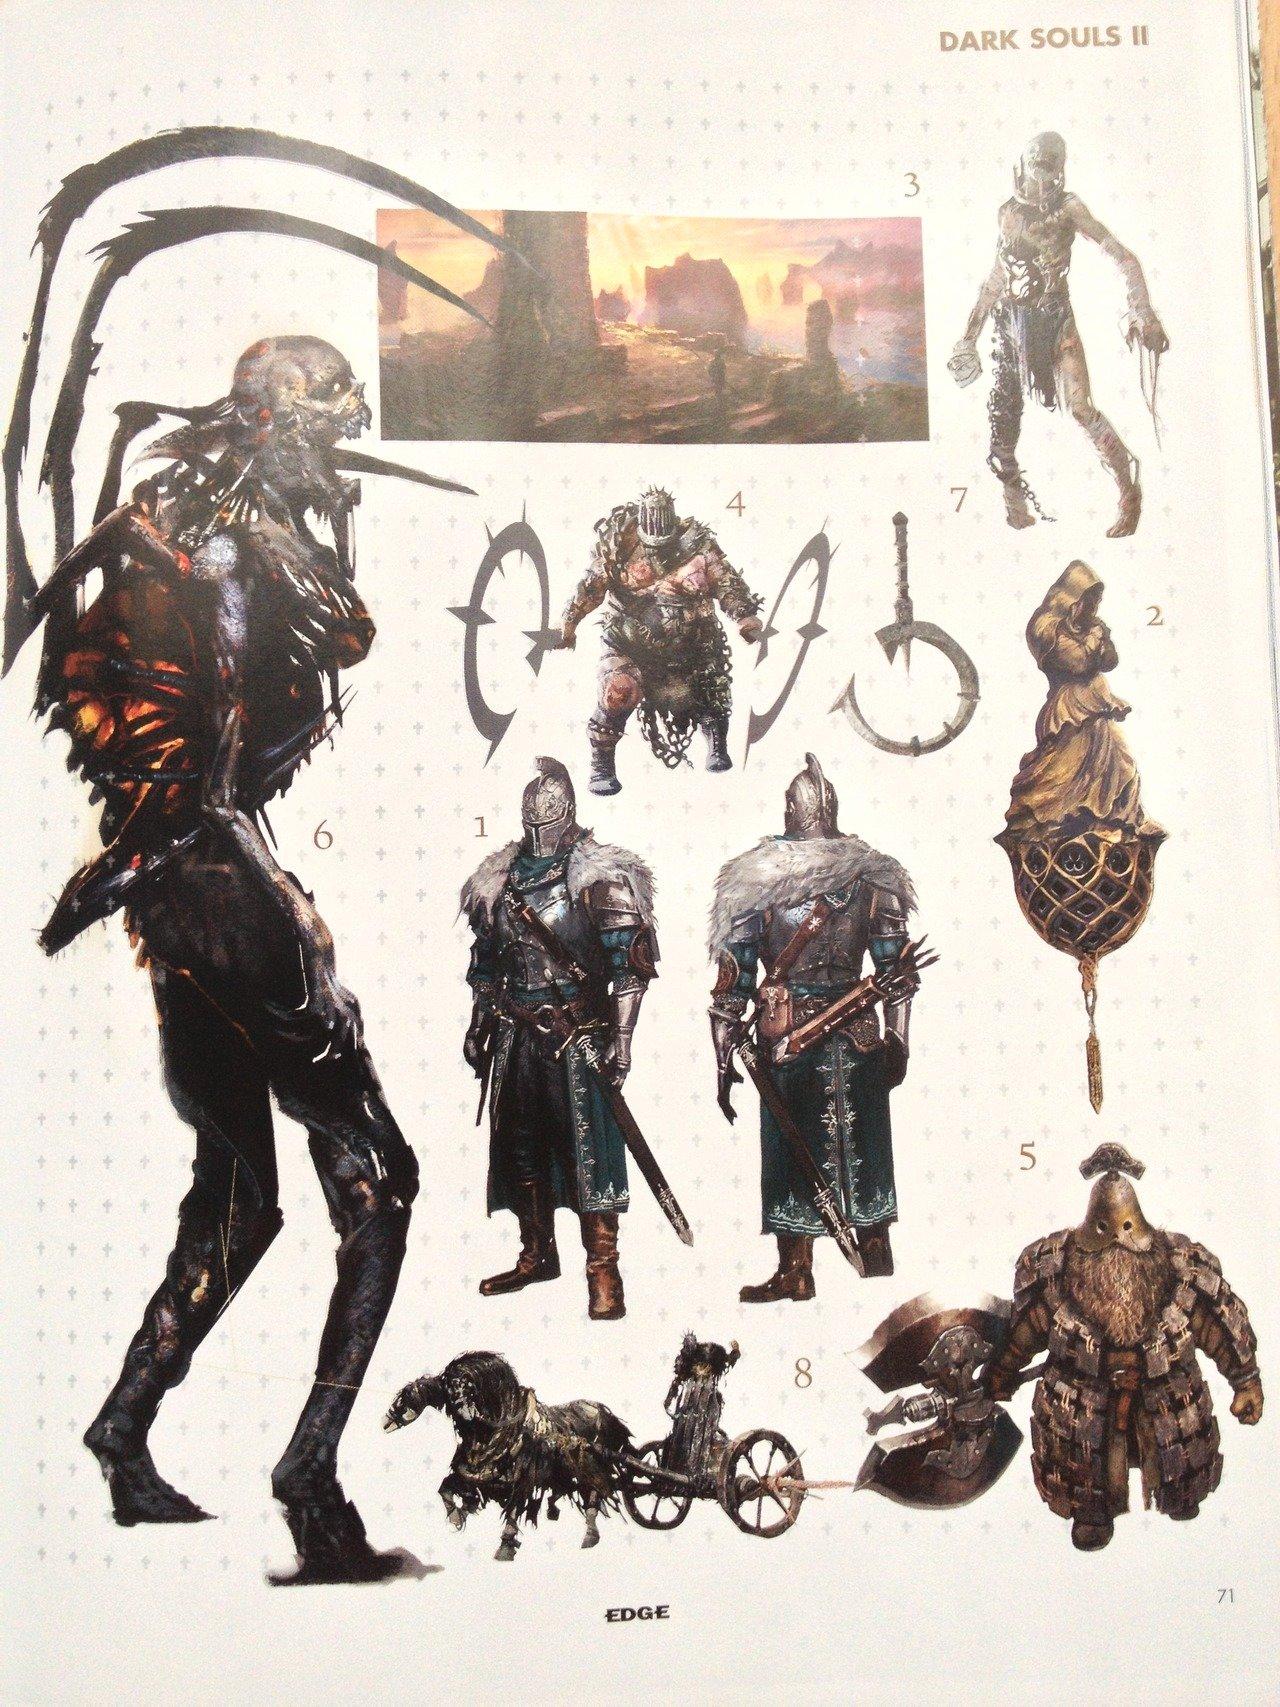 Важно отметить: Томохиро Шибуя и Юи Танимура, вопреки слухам, не являются выходцами ищ Capcom и не работали над игра ... - Изображение 2